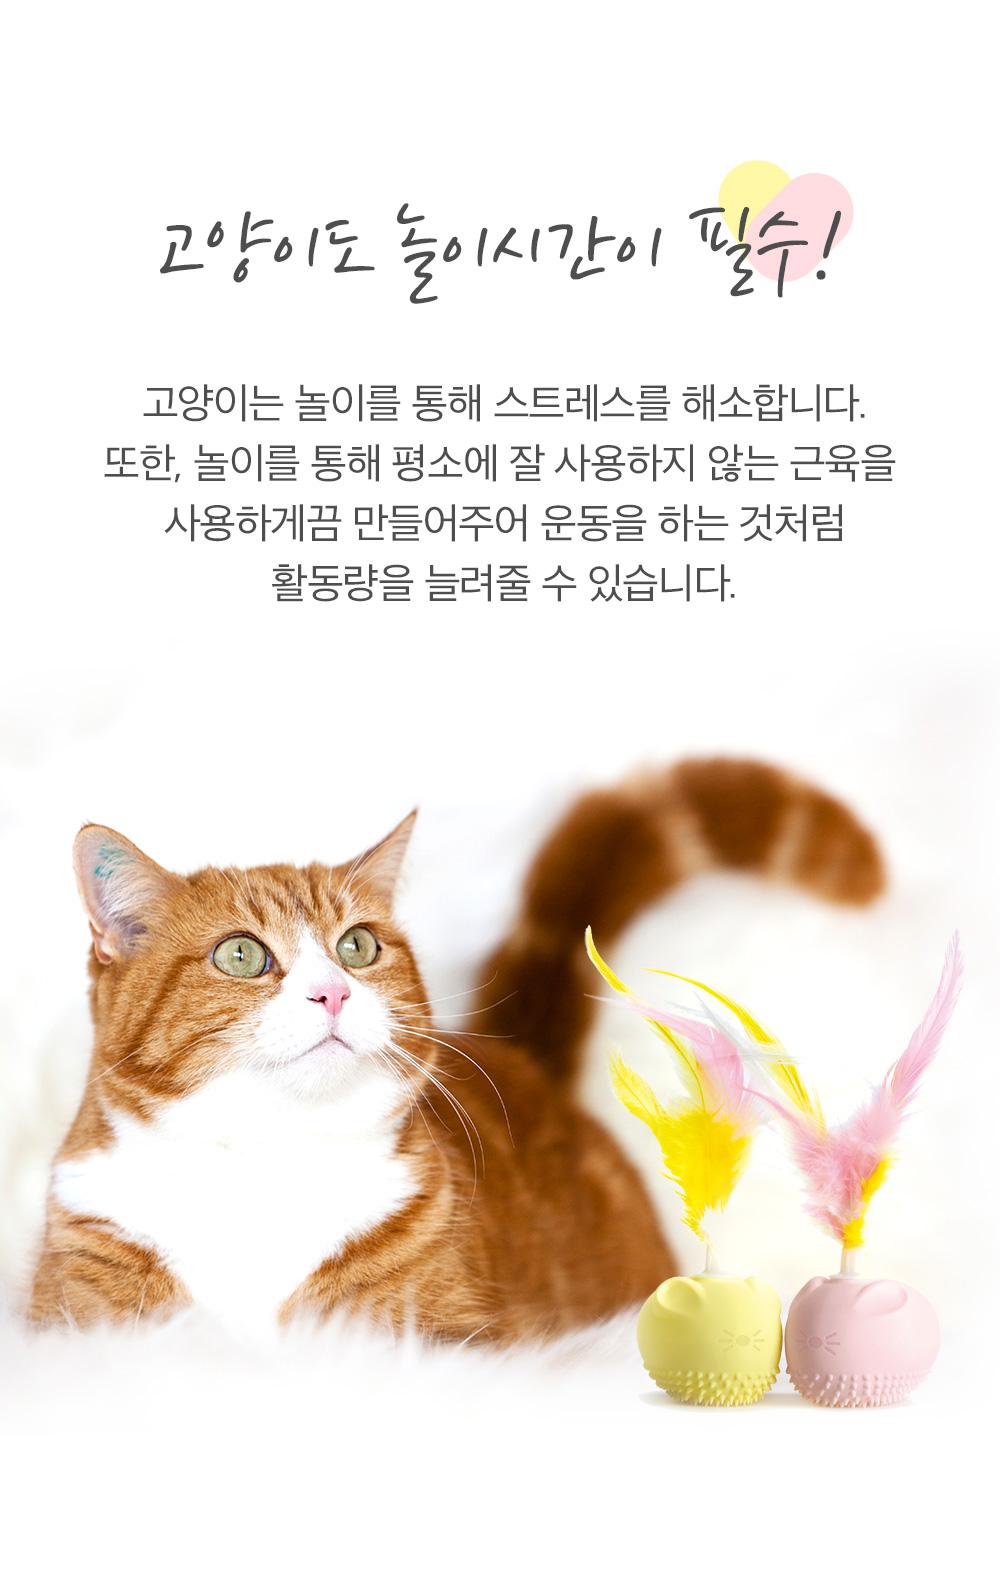 앱코 라이프 오엘라 고양이 전동 장난감